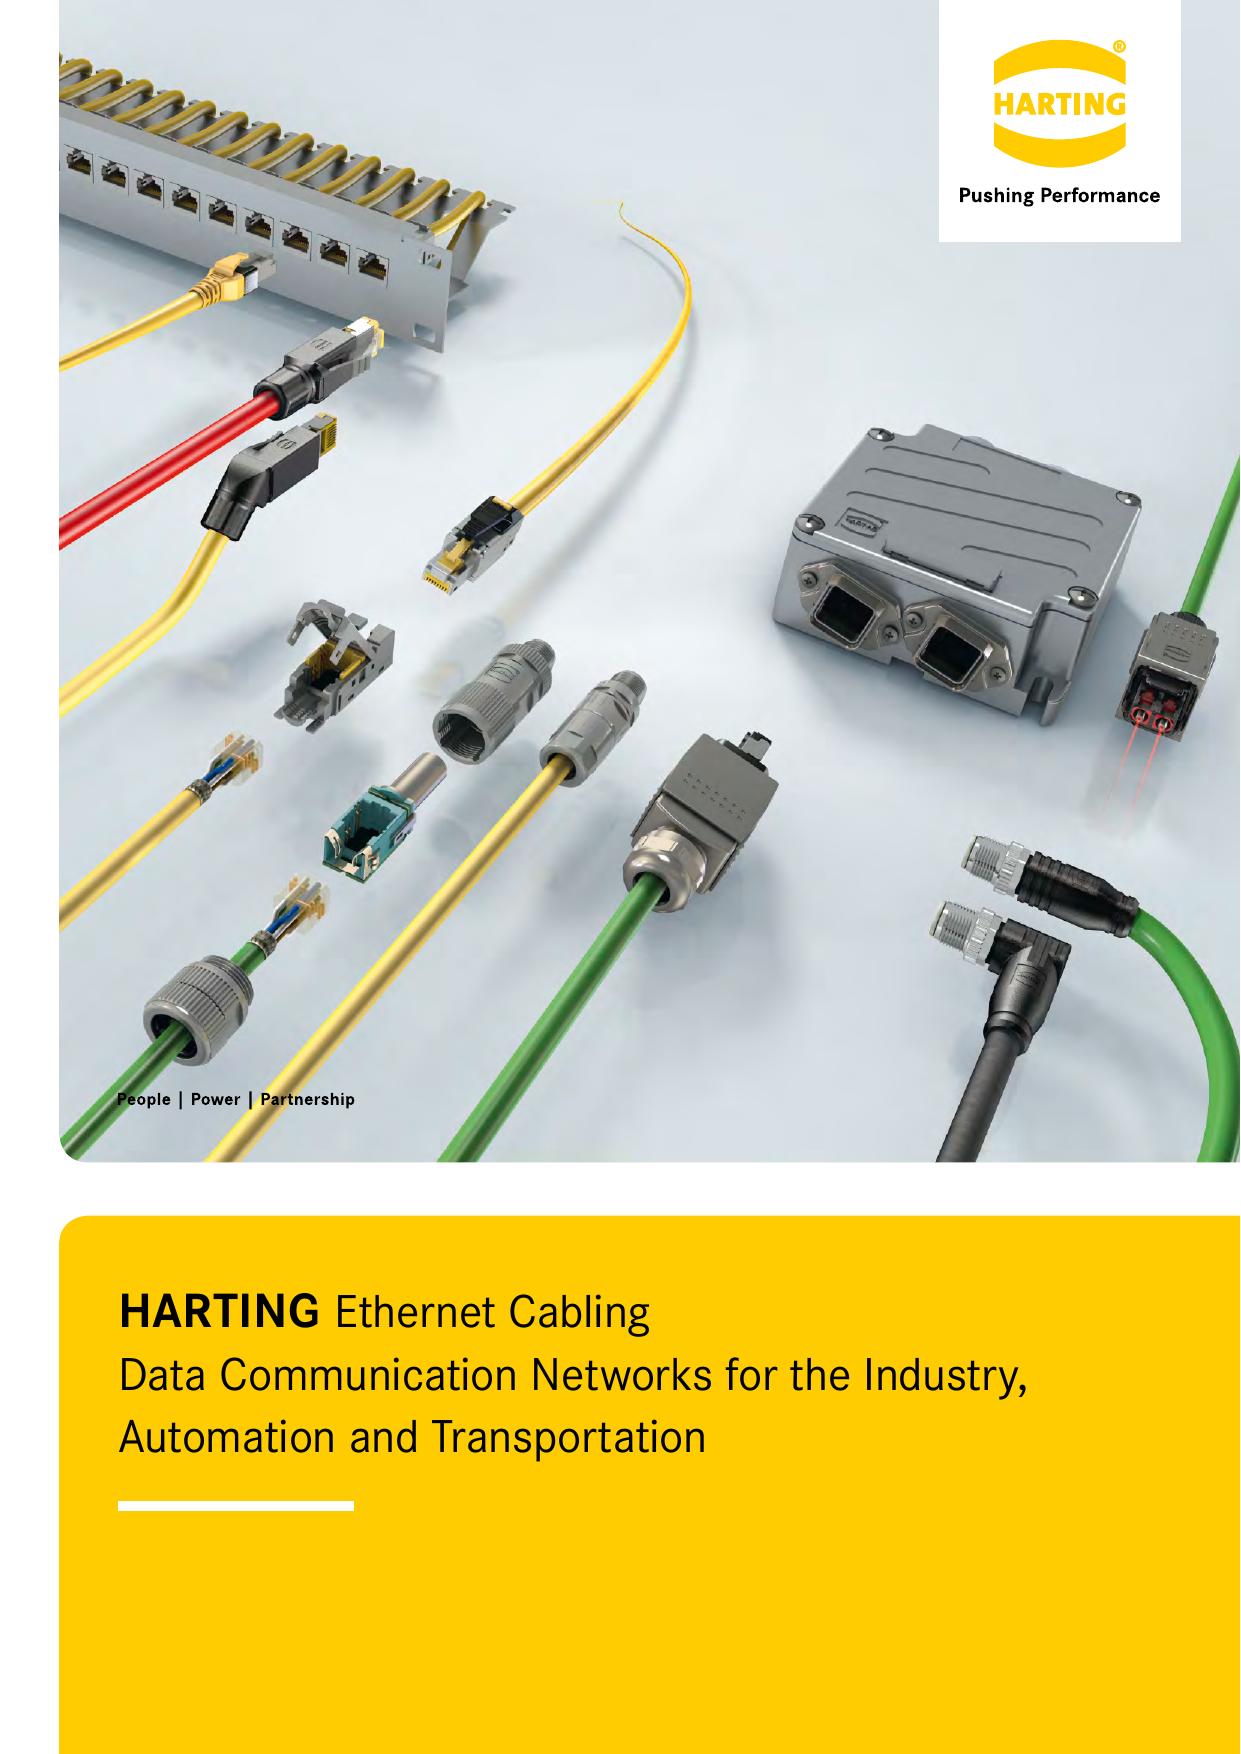 Výsledok vyhľadávania obrázkov pre dopyt Harting ethernet cabling